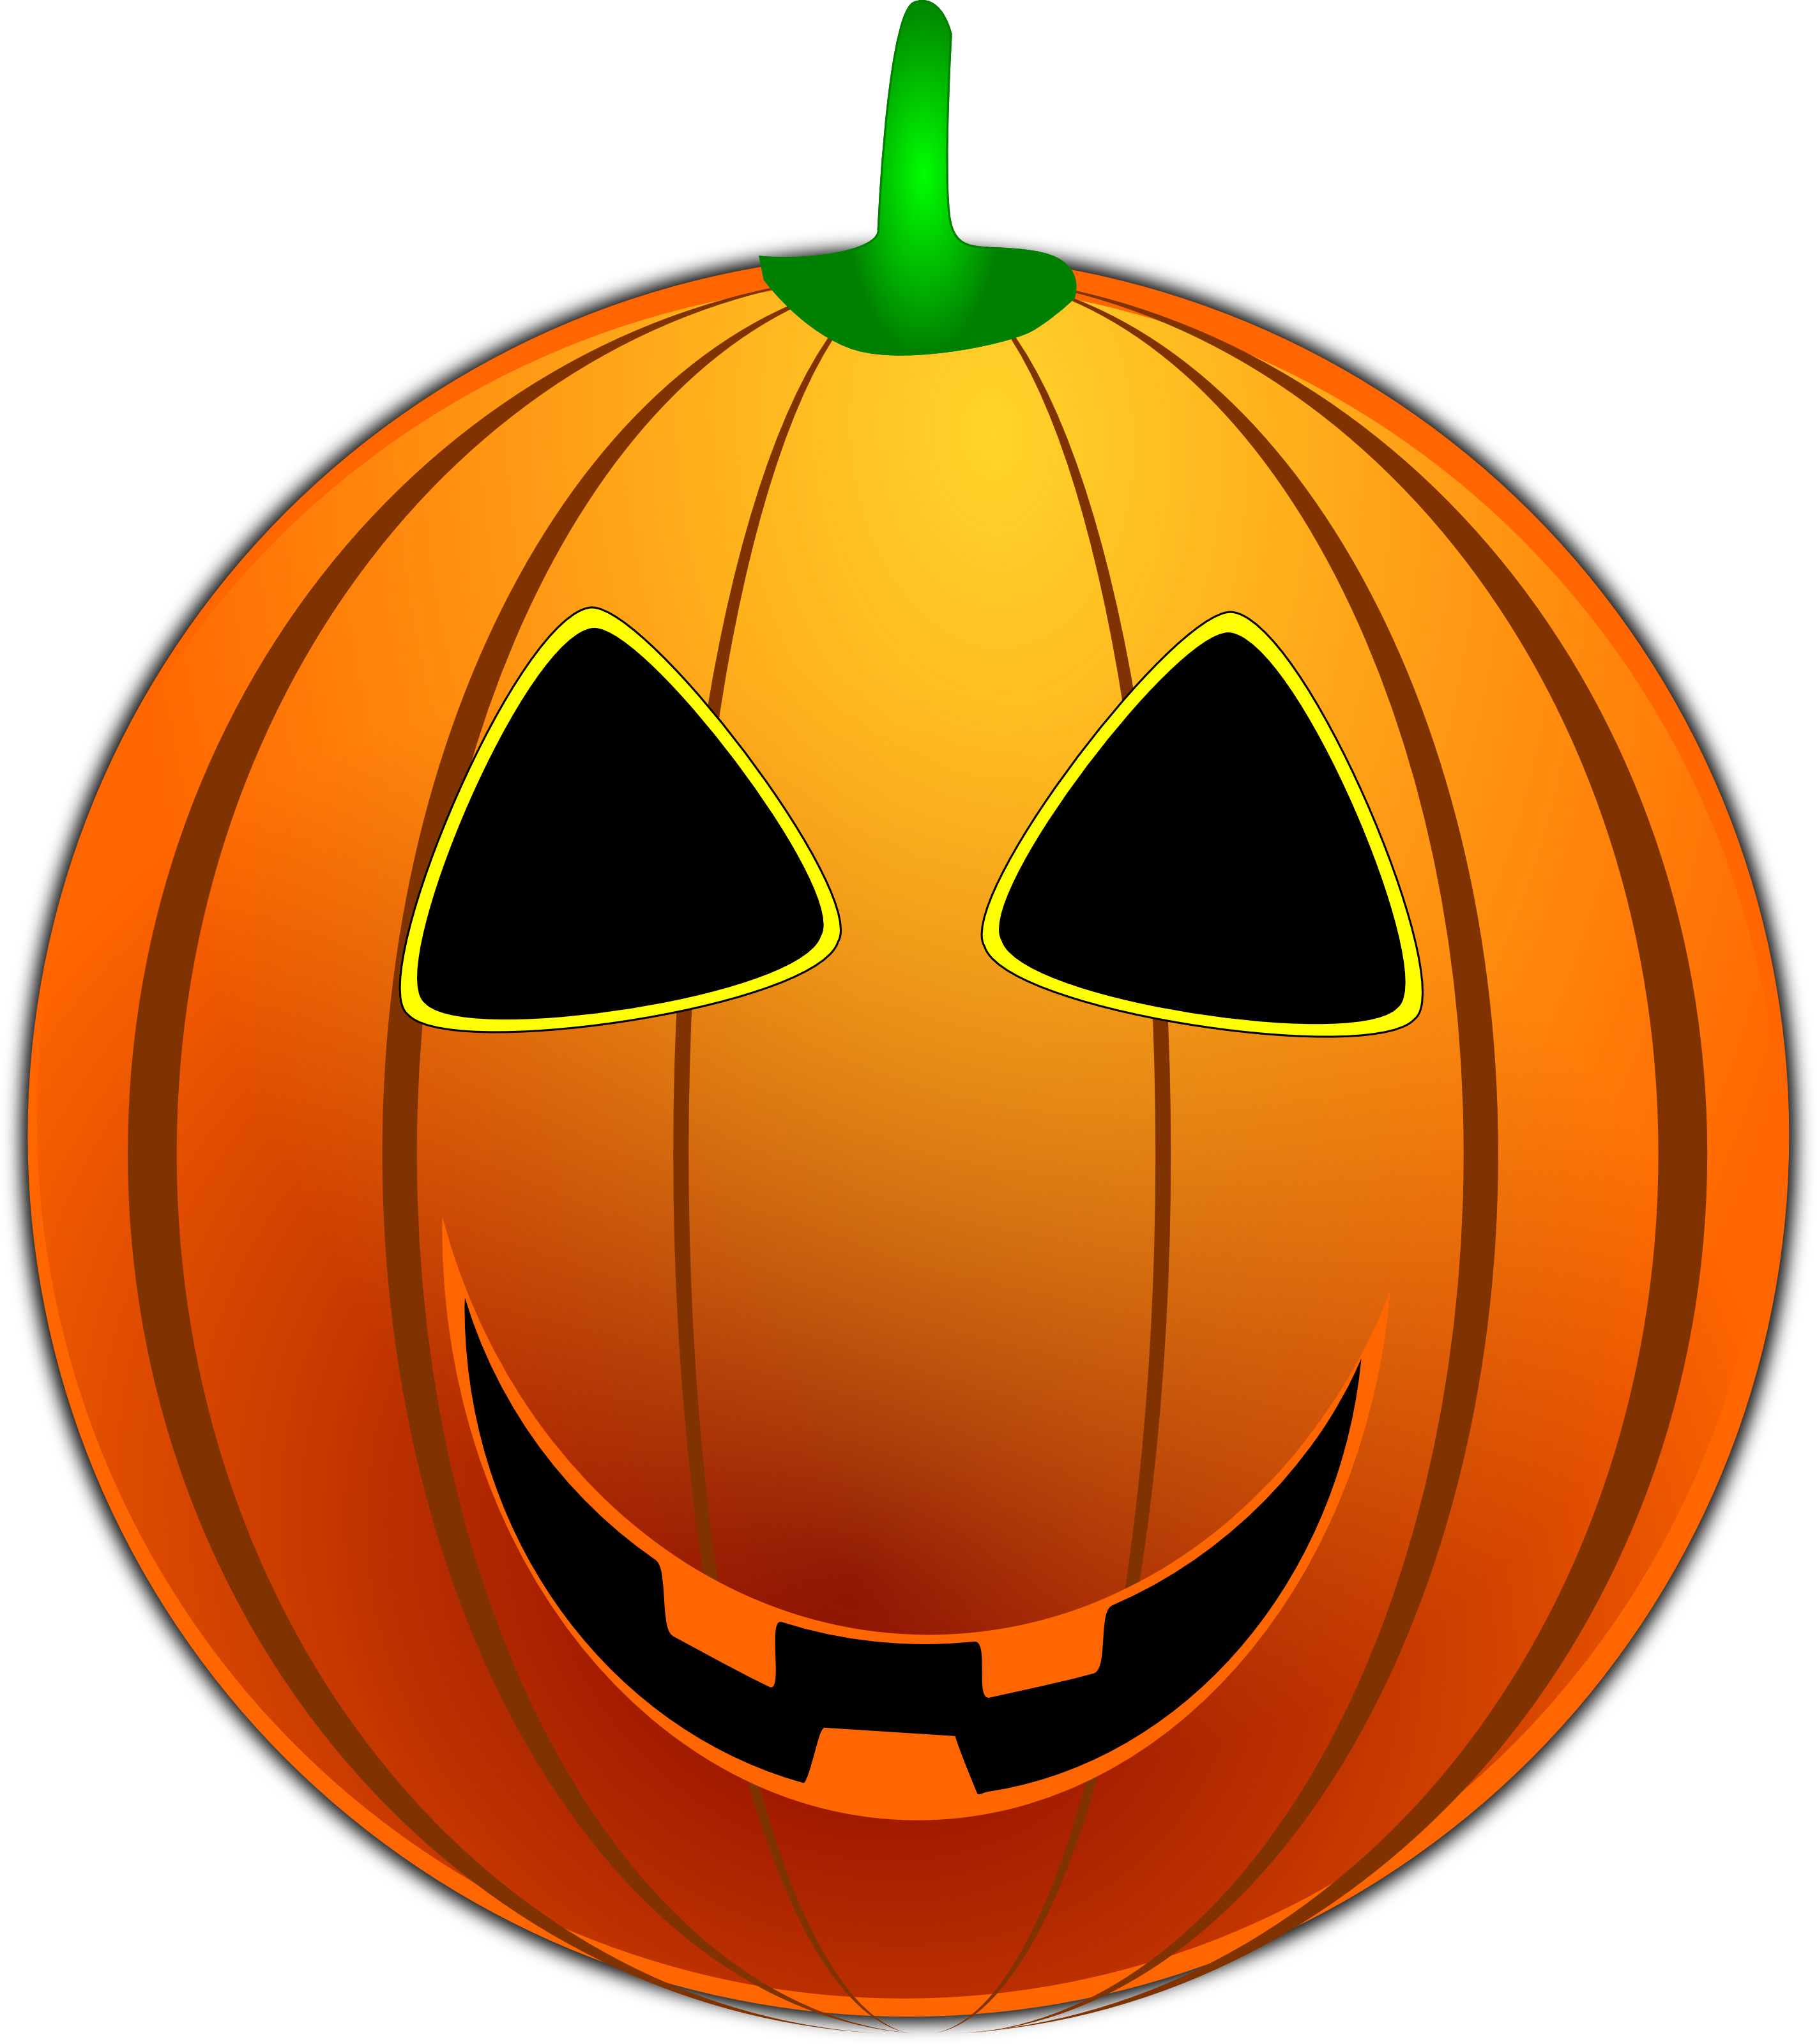 Grinning jackolantern free halloween vector clipart for Halloween pumpkin clipart